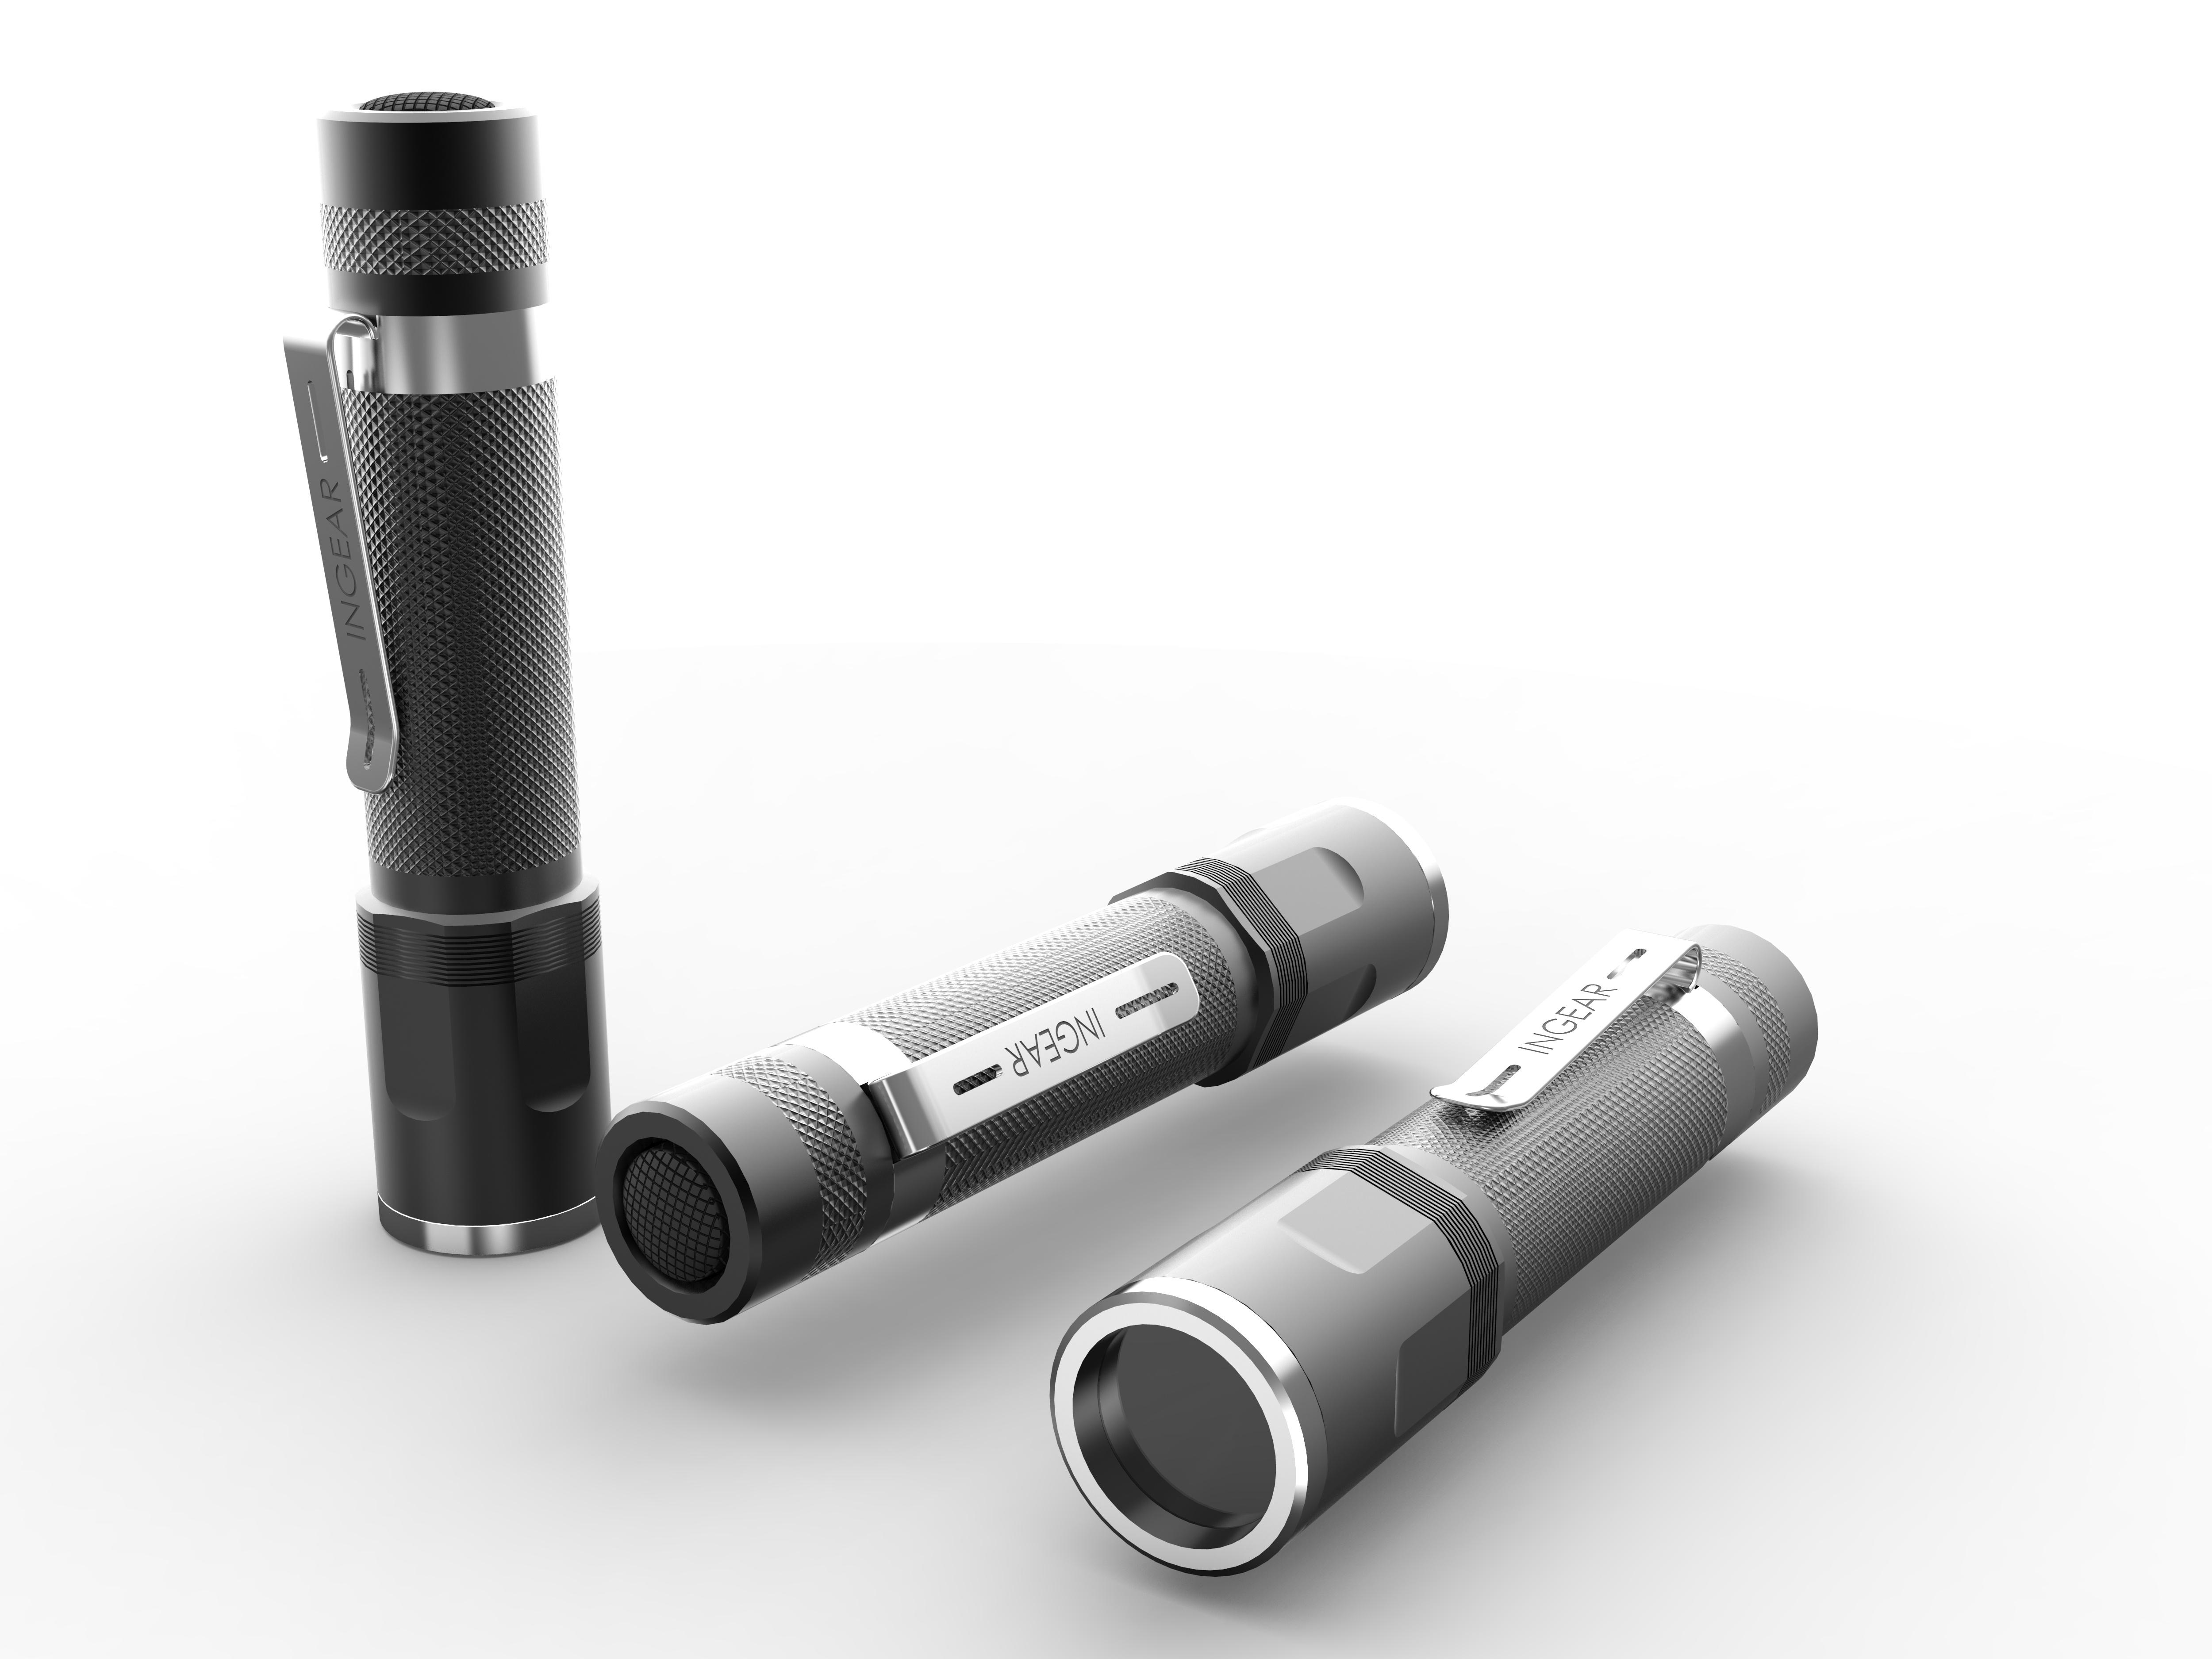 手电筒概念|工业/产品|生活用品|seanzhengyu - 原创